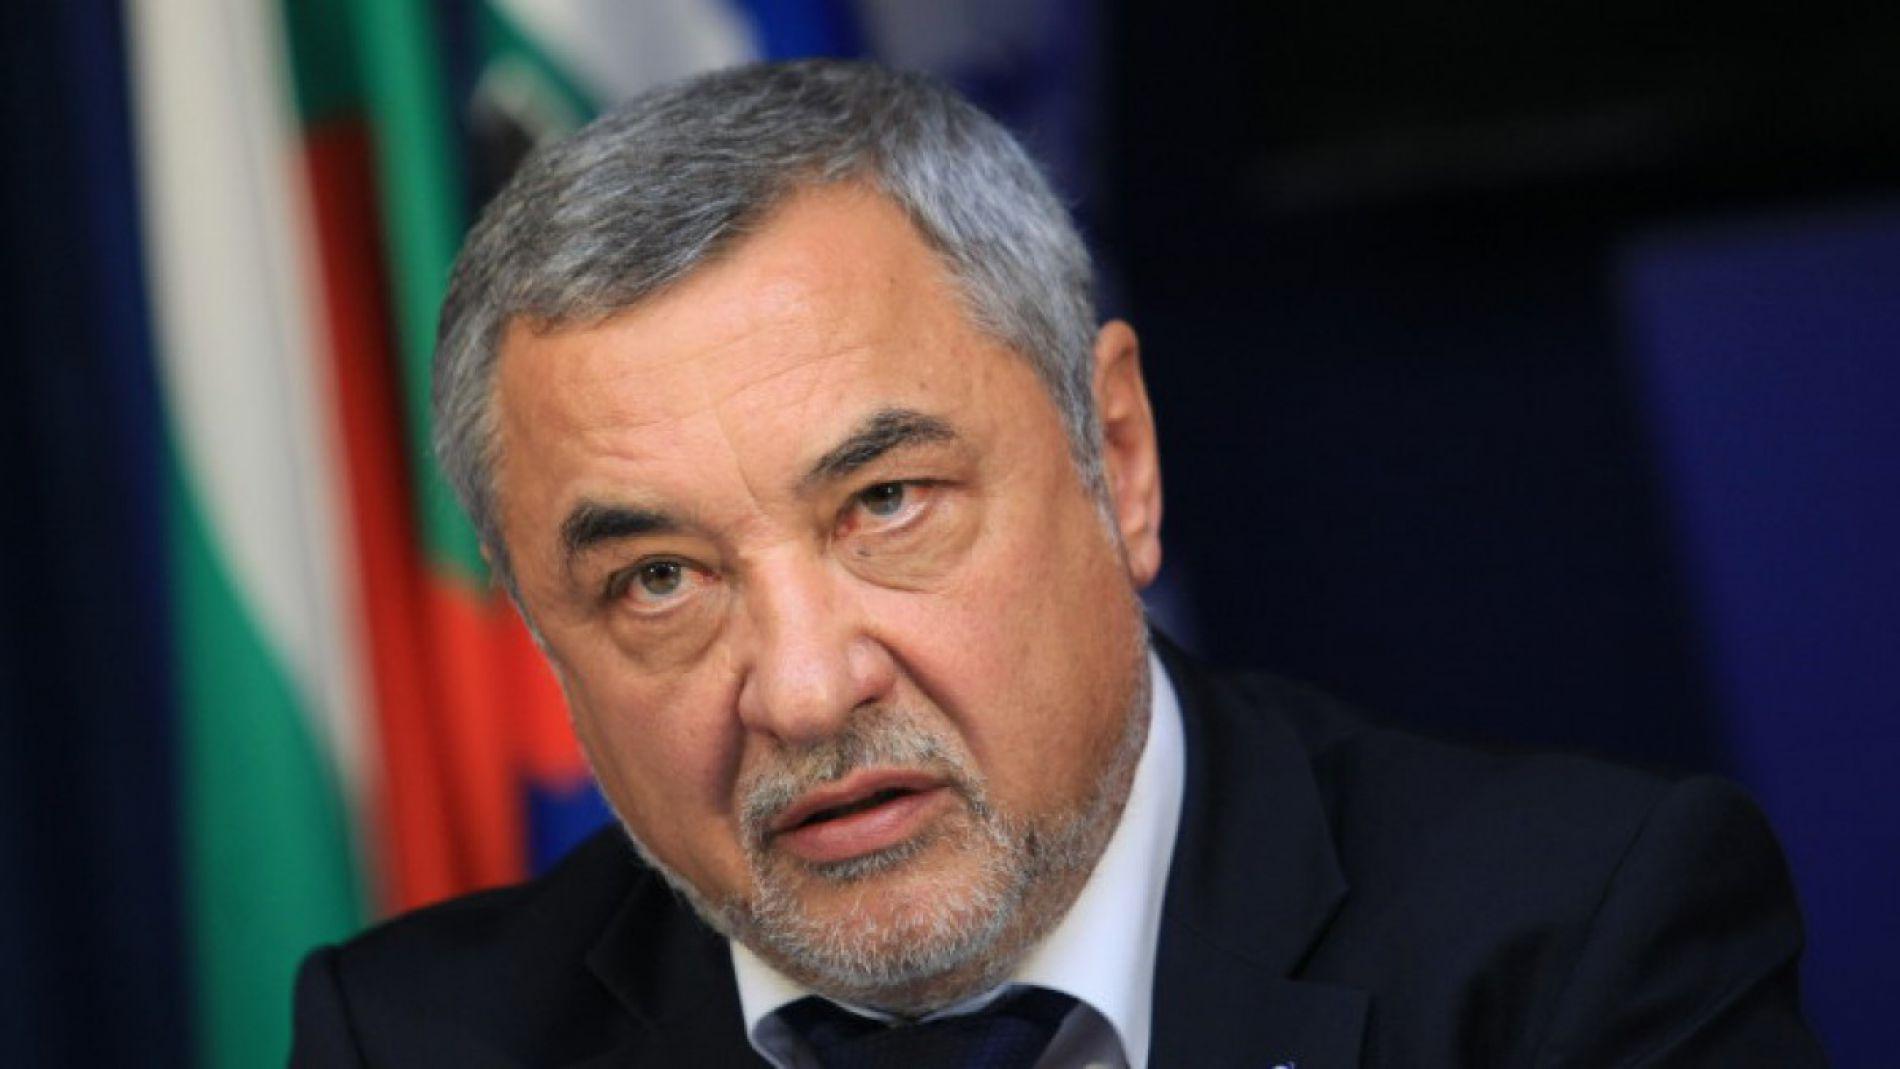 Нет туристического кризиса на болгарском черноморском побережье по словам Симеонова